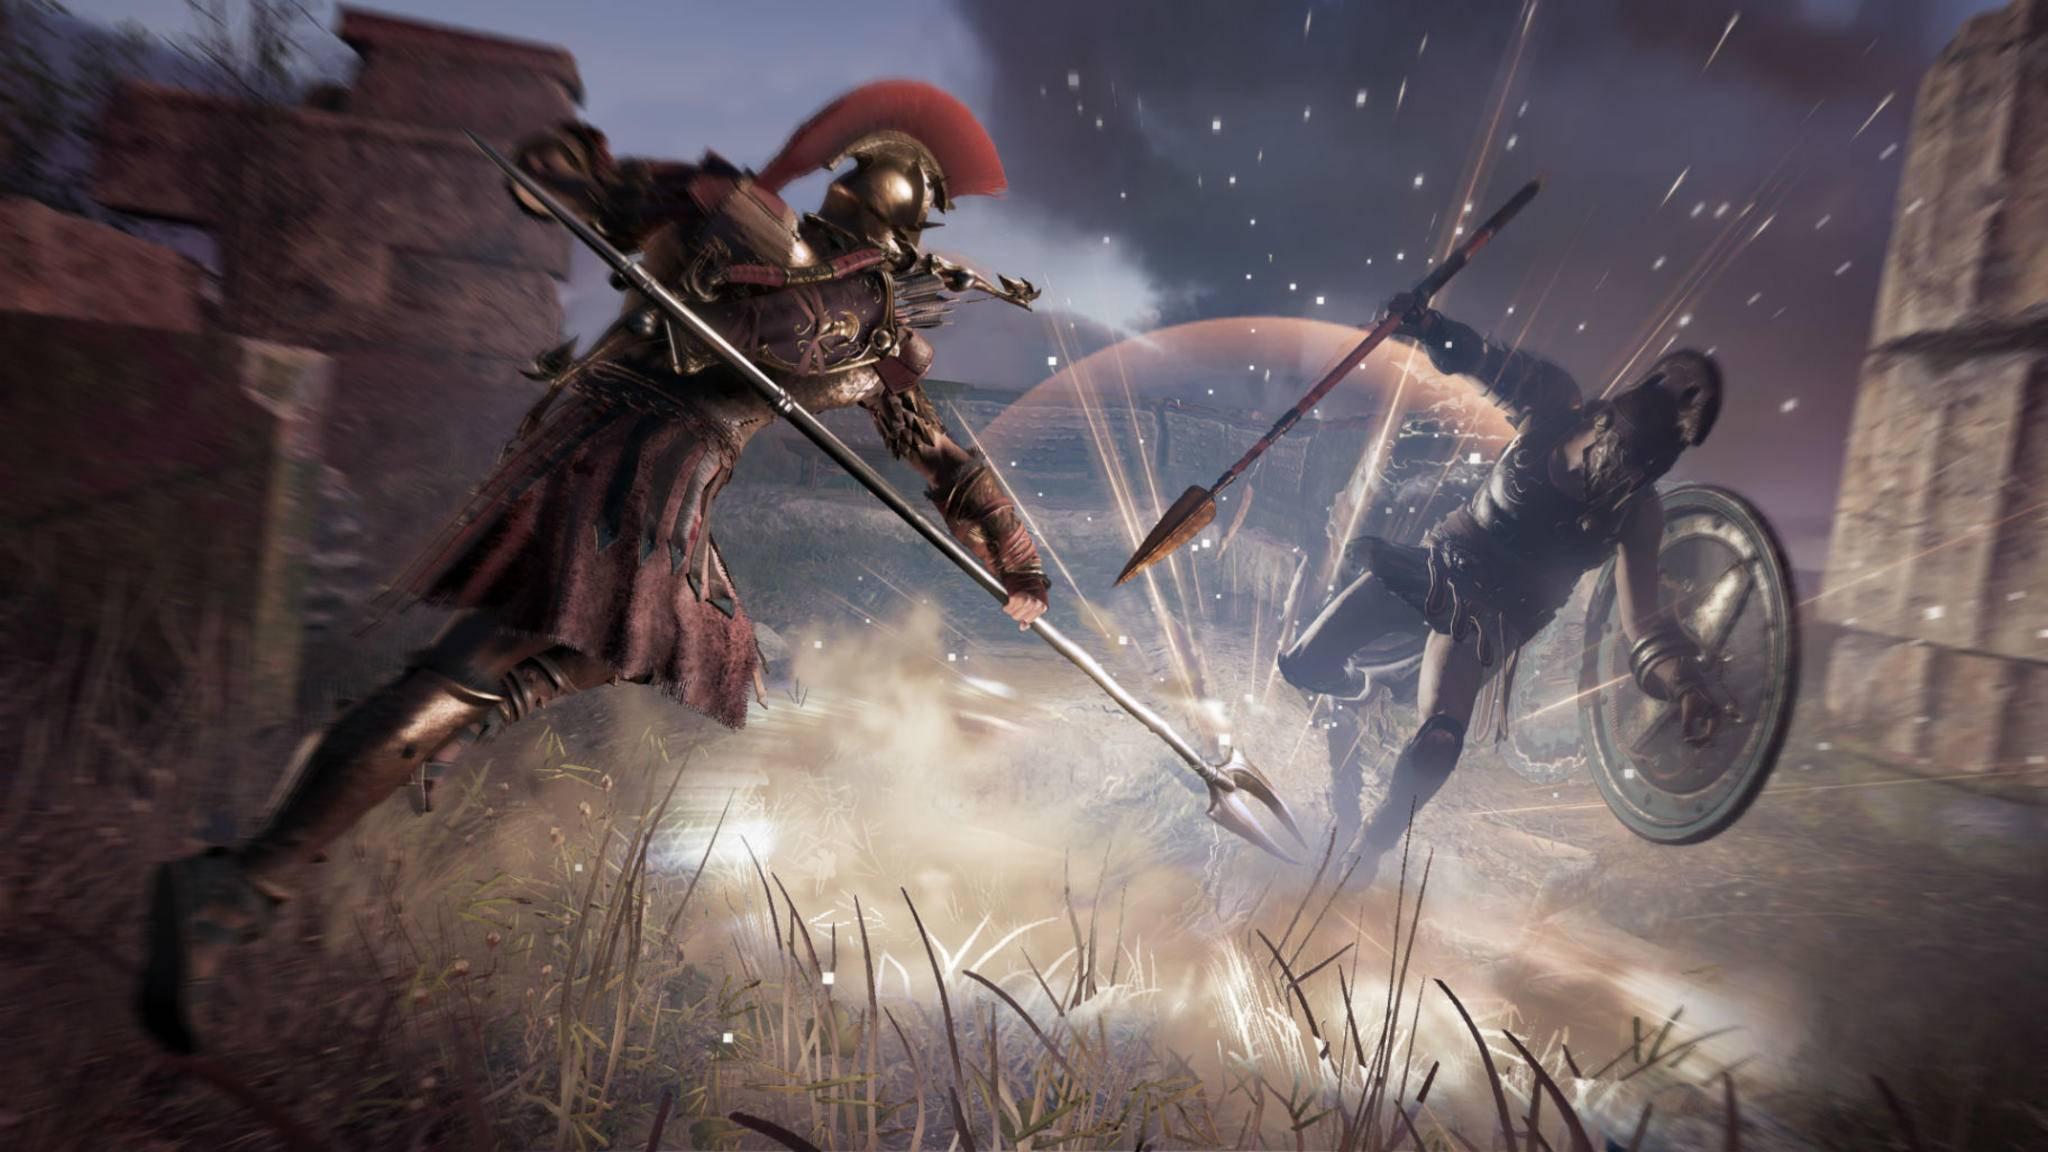 assassins-creed-odyssey-gamescom-screenshot-kampf